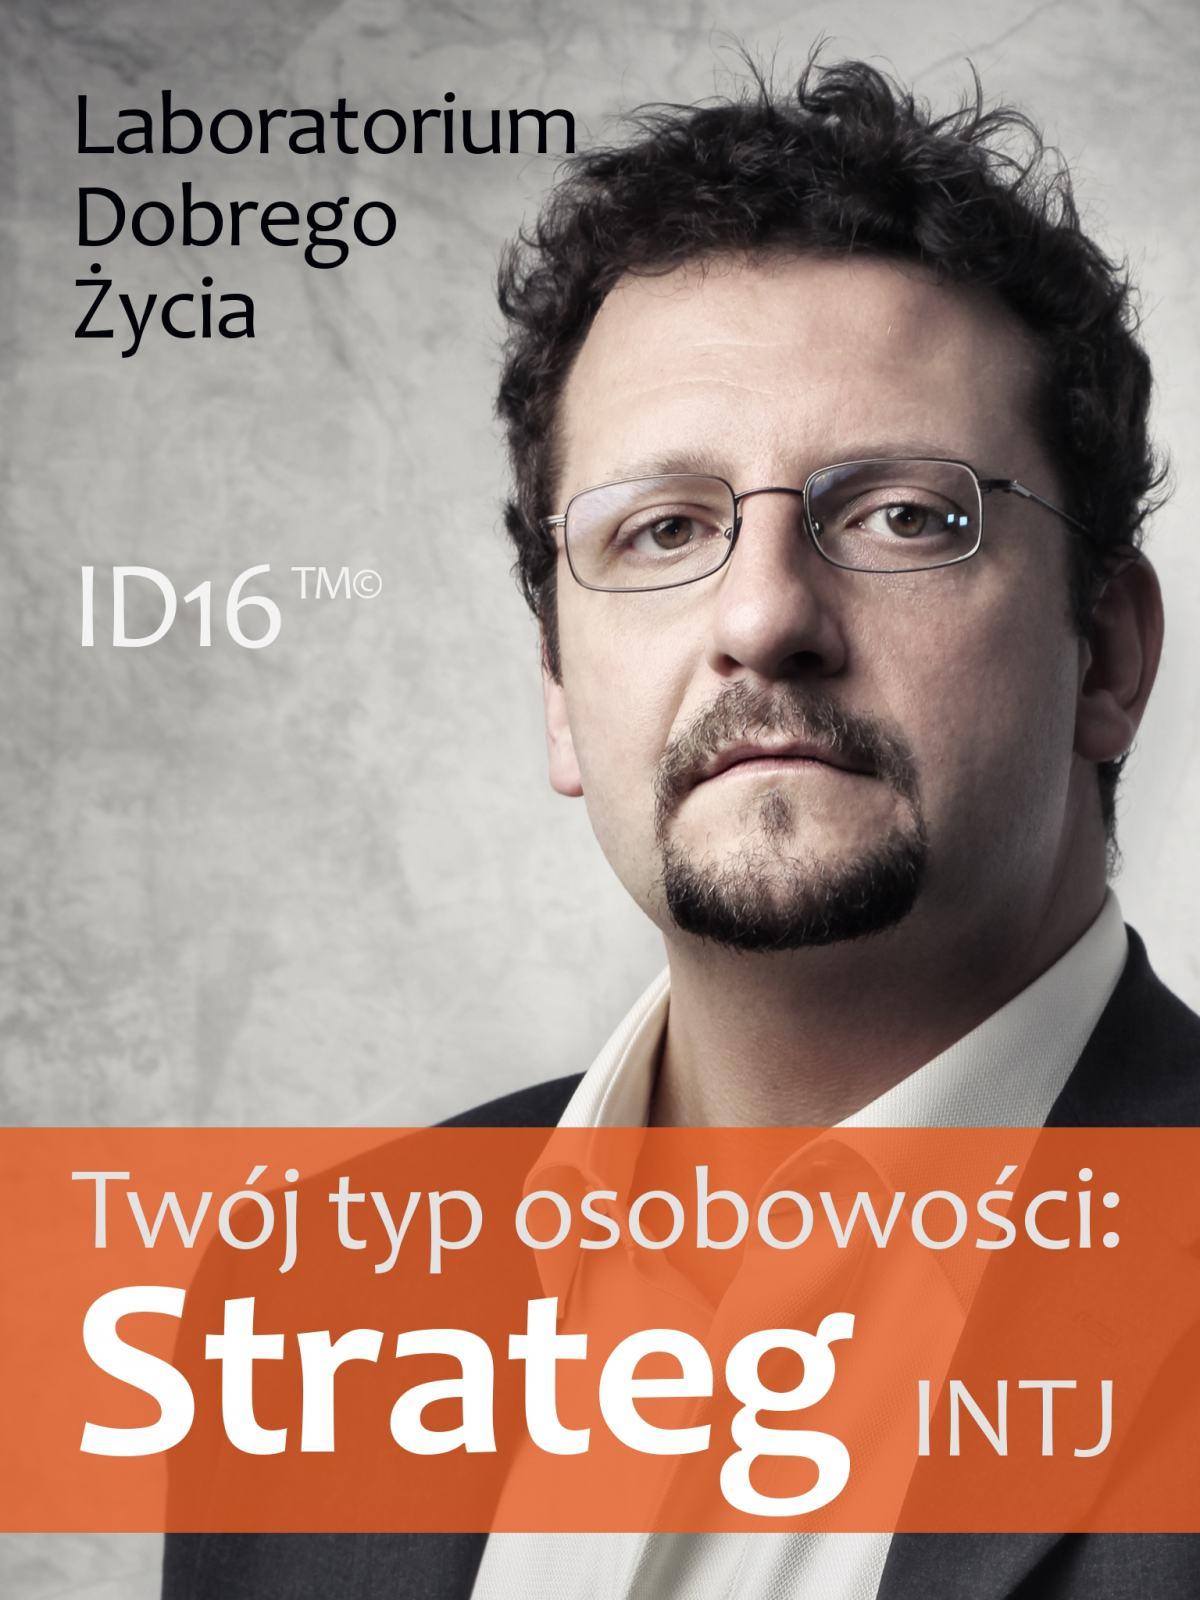 Twój typ osobowości: Strateg (INTJ) - Ebook (Książka EPUB) do pobrania w formacie EPUB